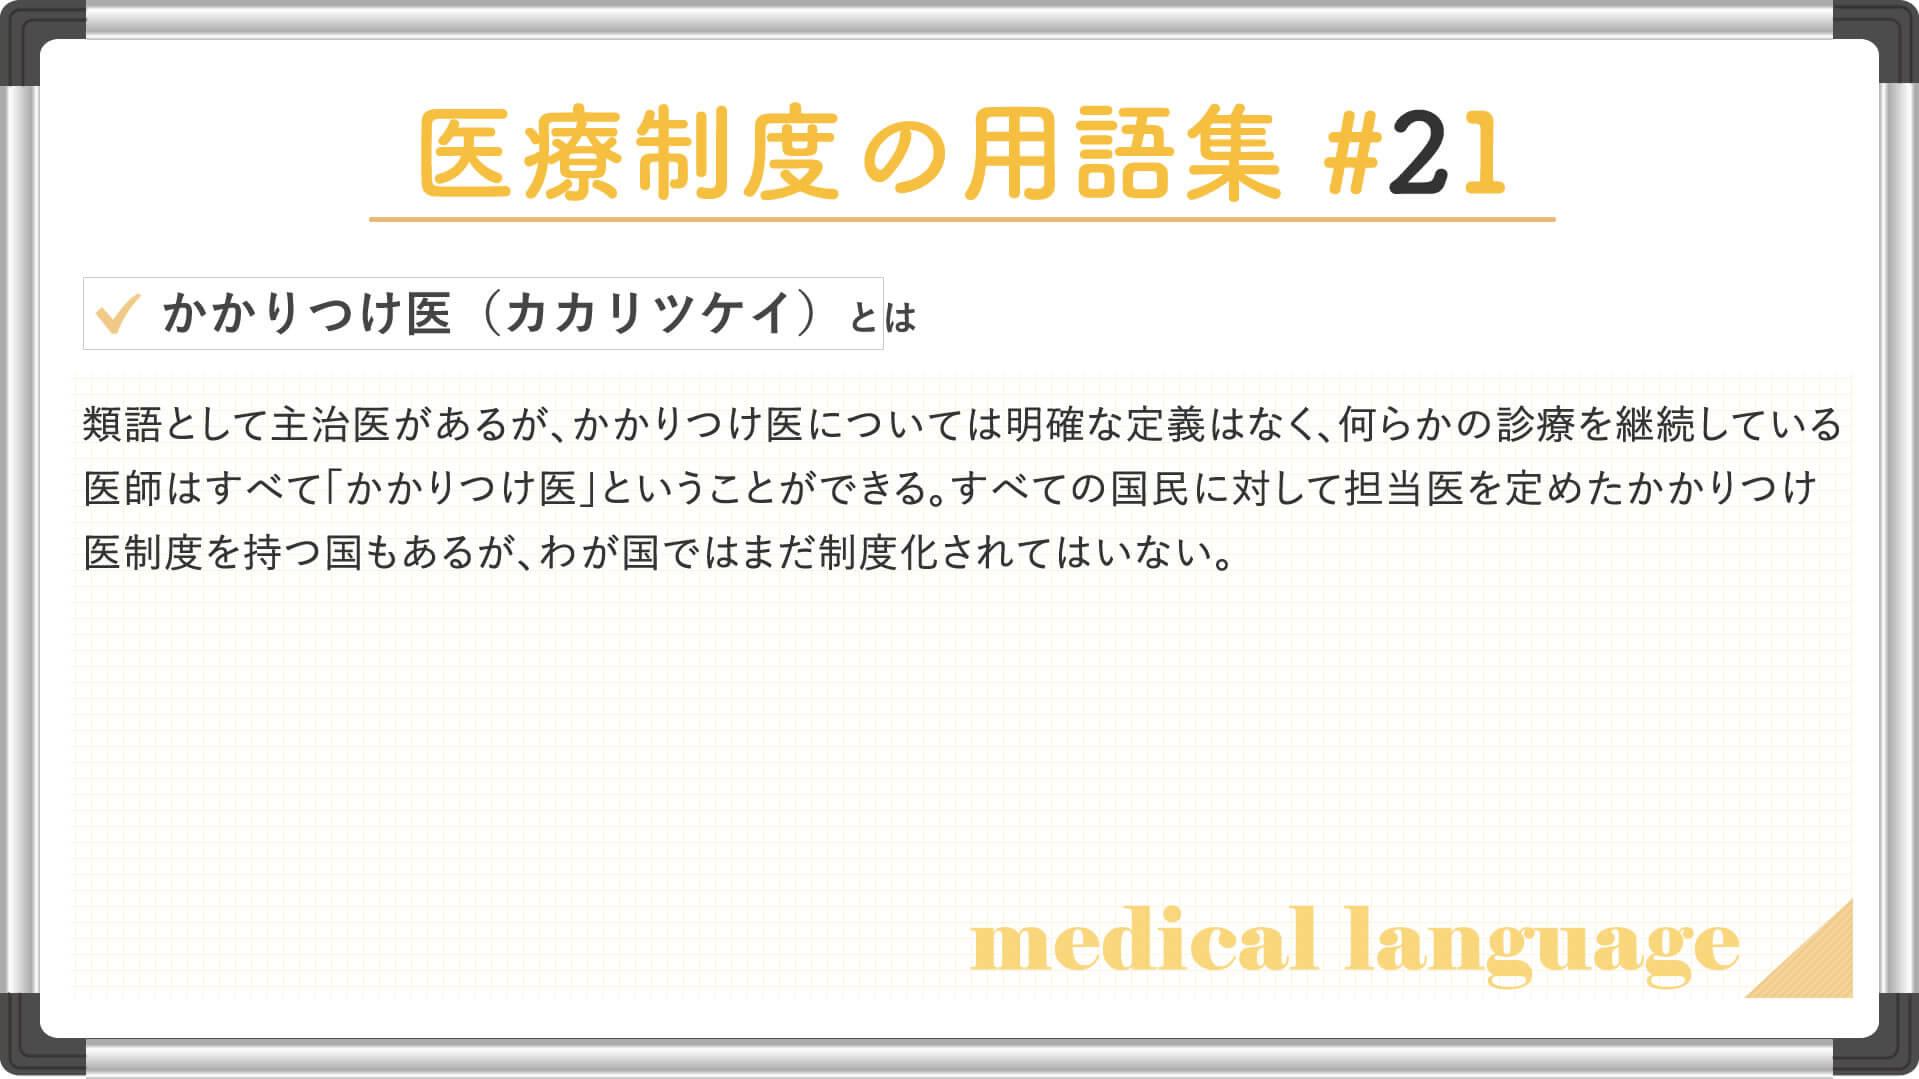 かかりつけ医(カカリツケイ)の説明画像